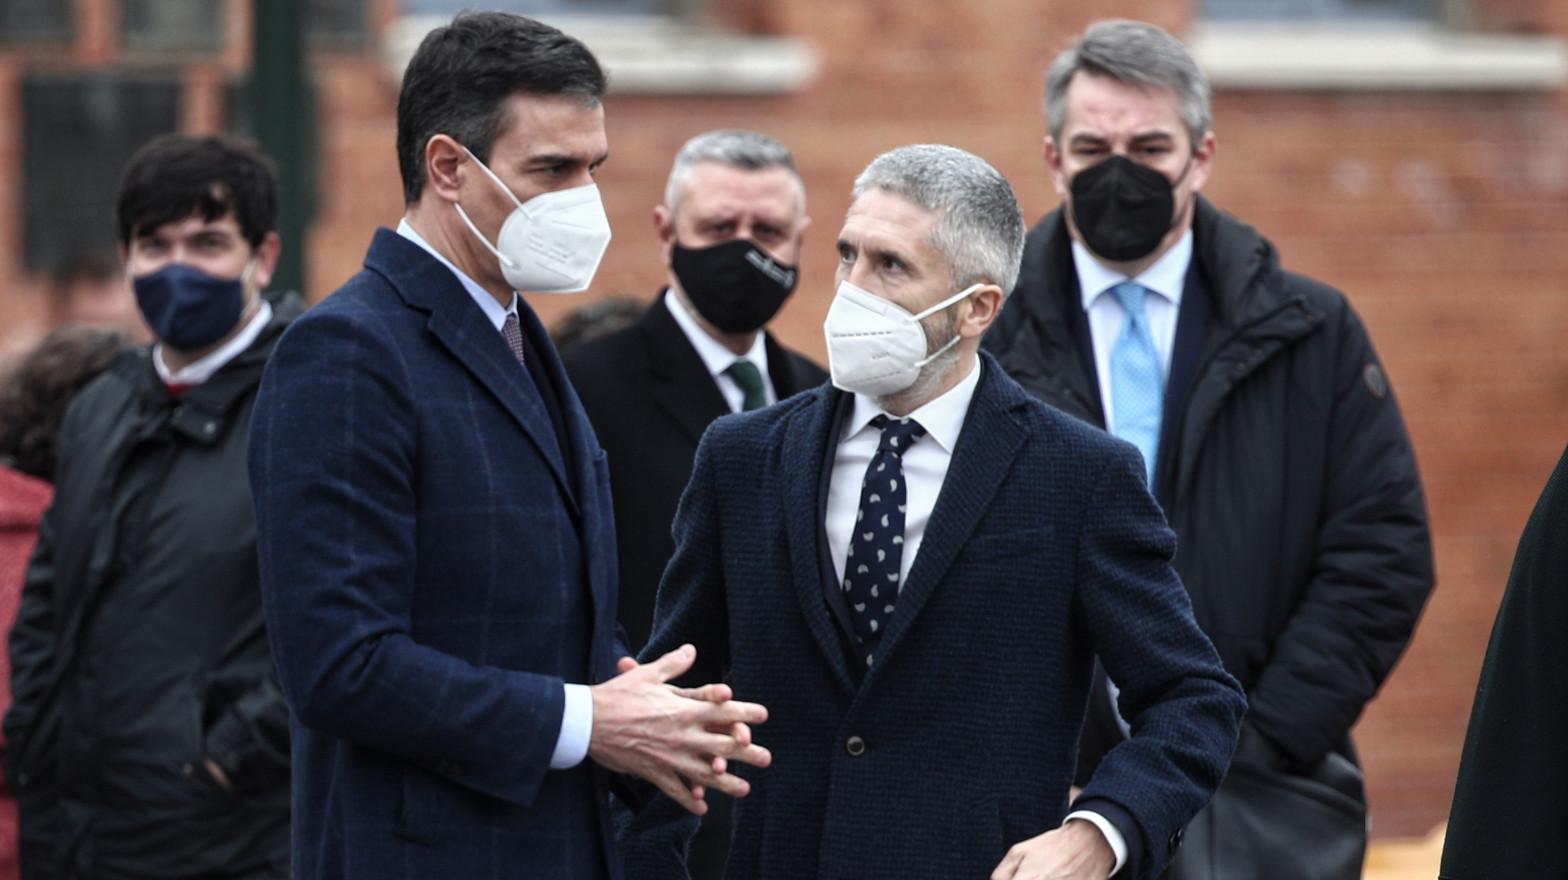 El presidente del Gobierno, Pedro Sánchez (2i), y el ministro del Interior, Fernando Grande-Marlaska (2d)